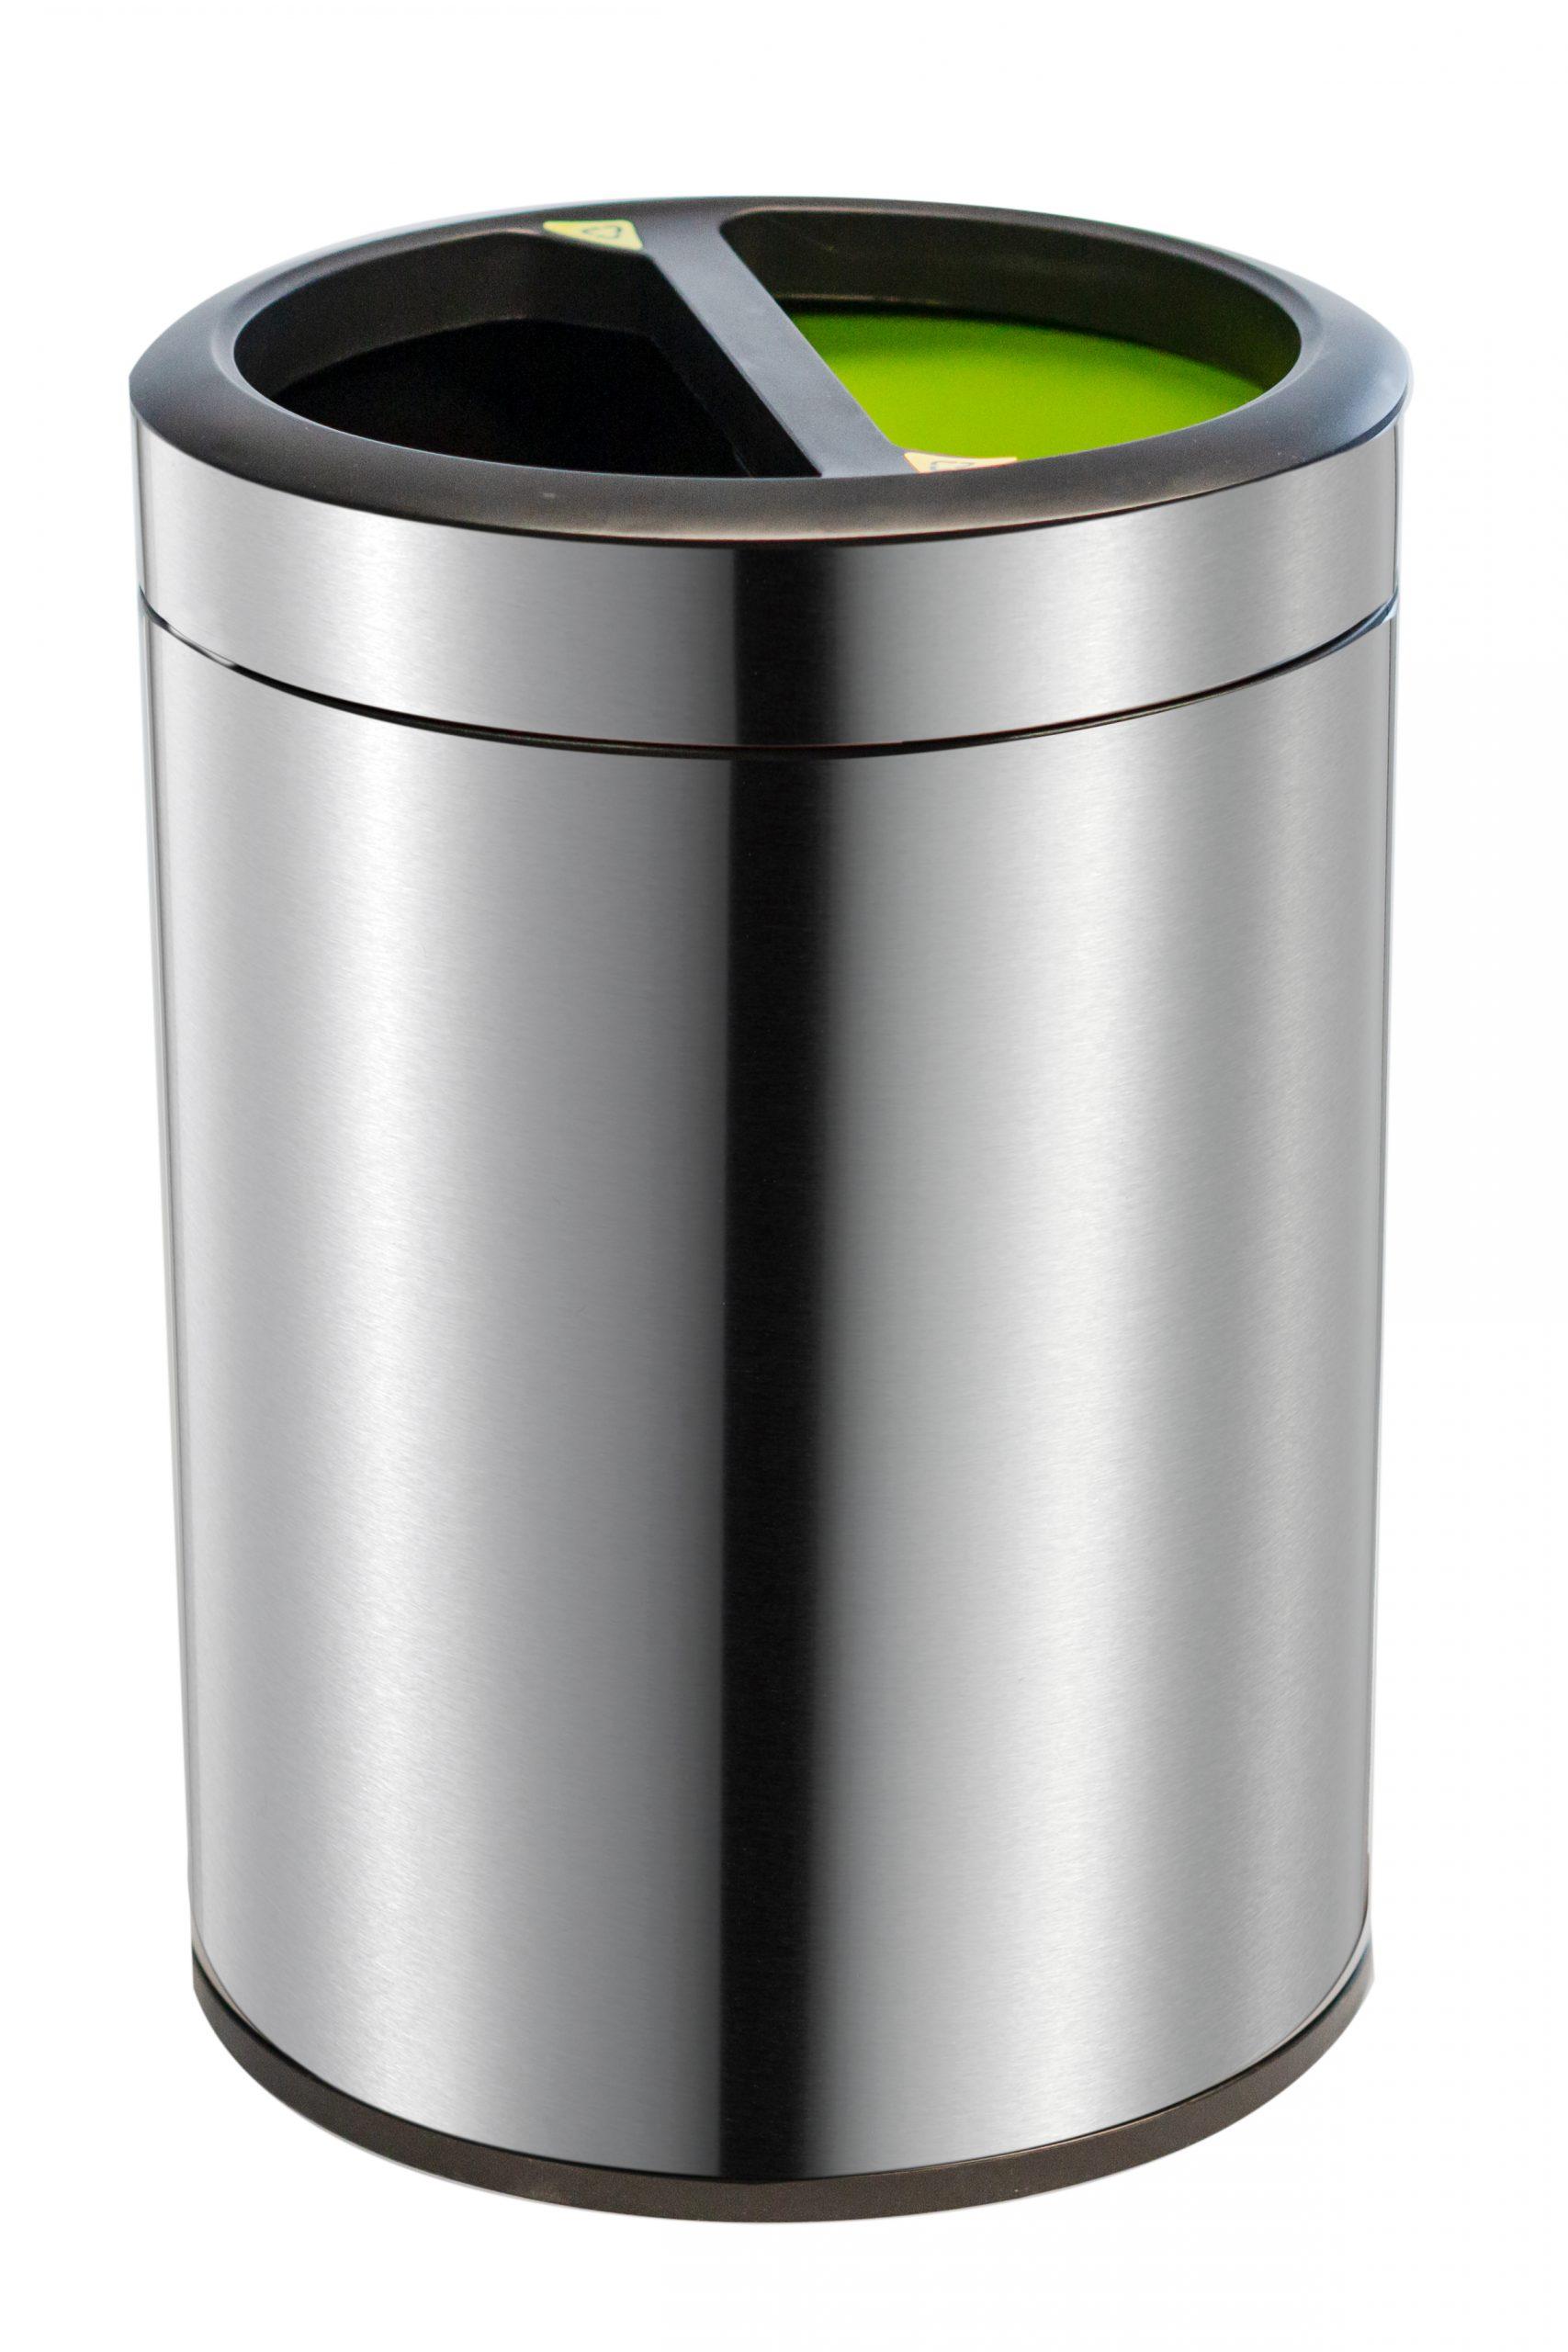 Prestige recyclage